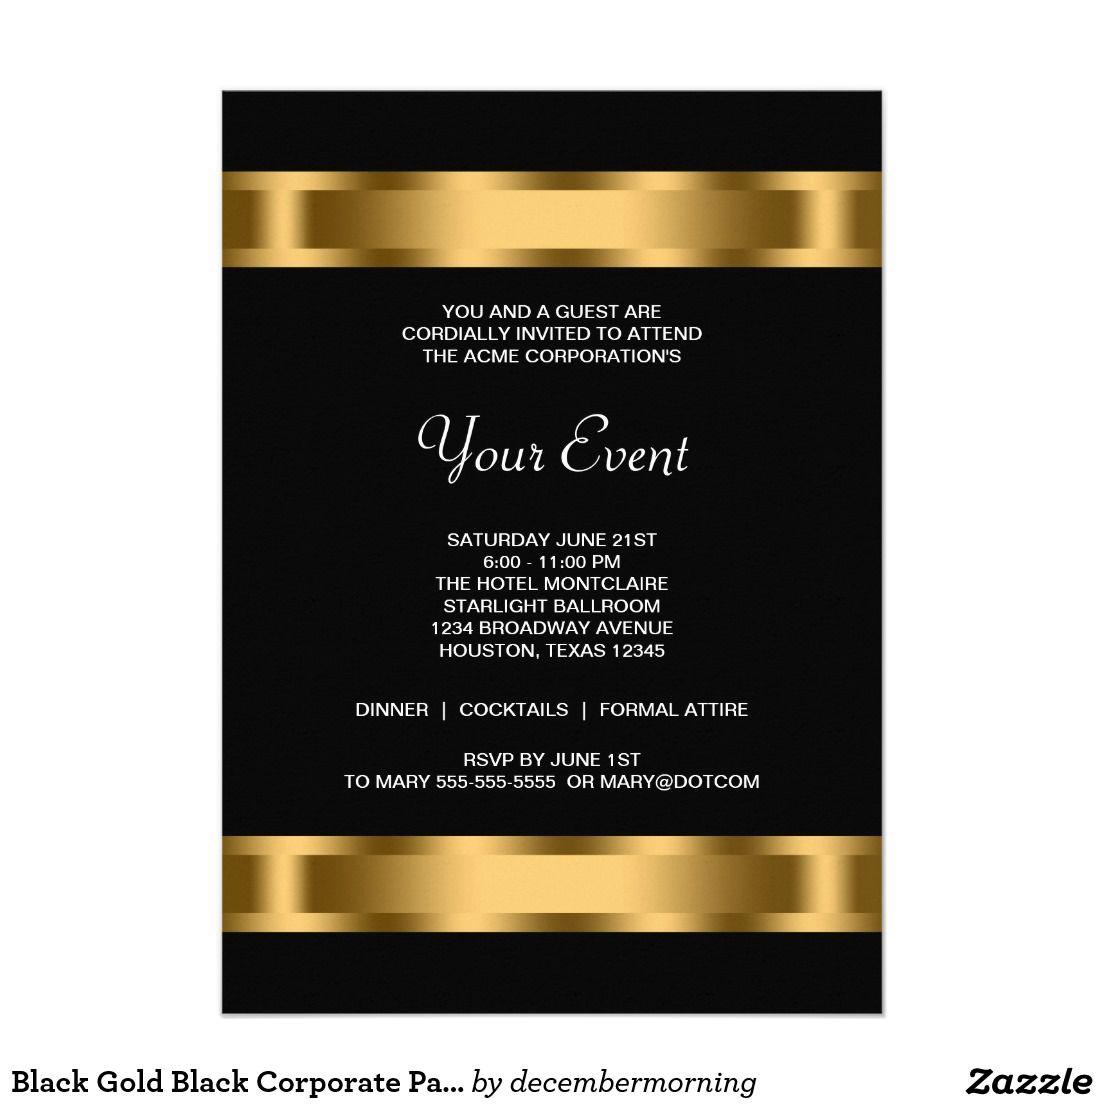 invitation to company event